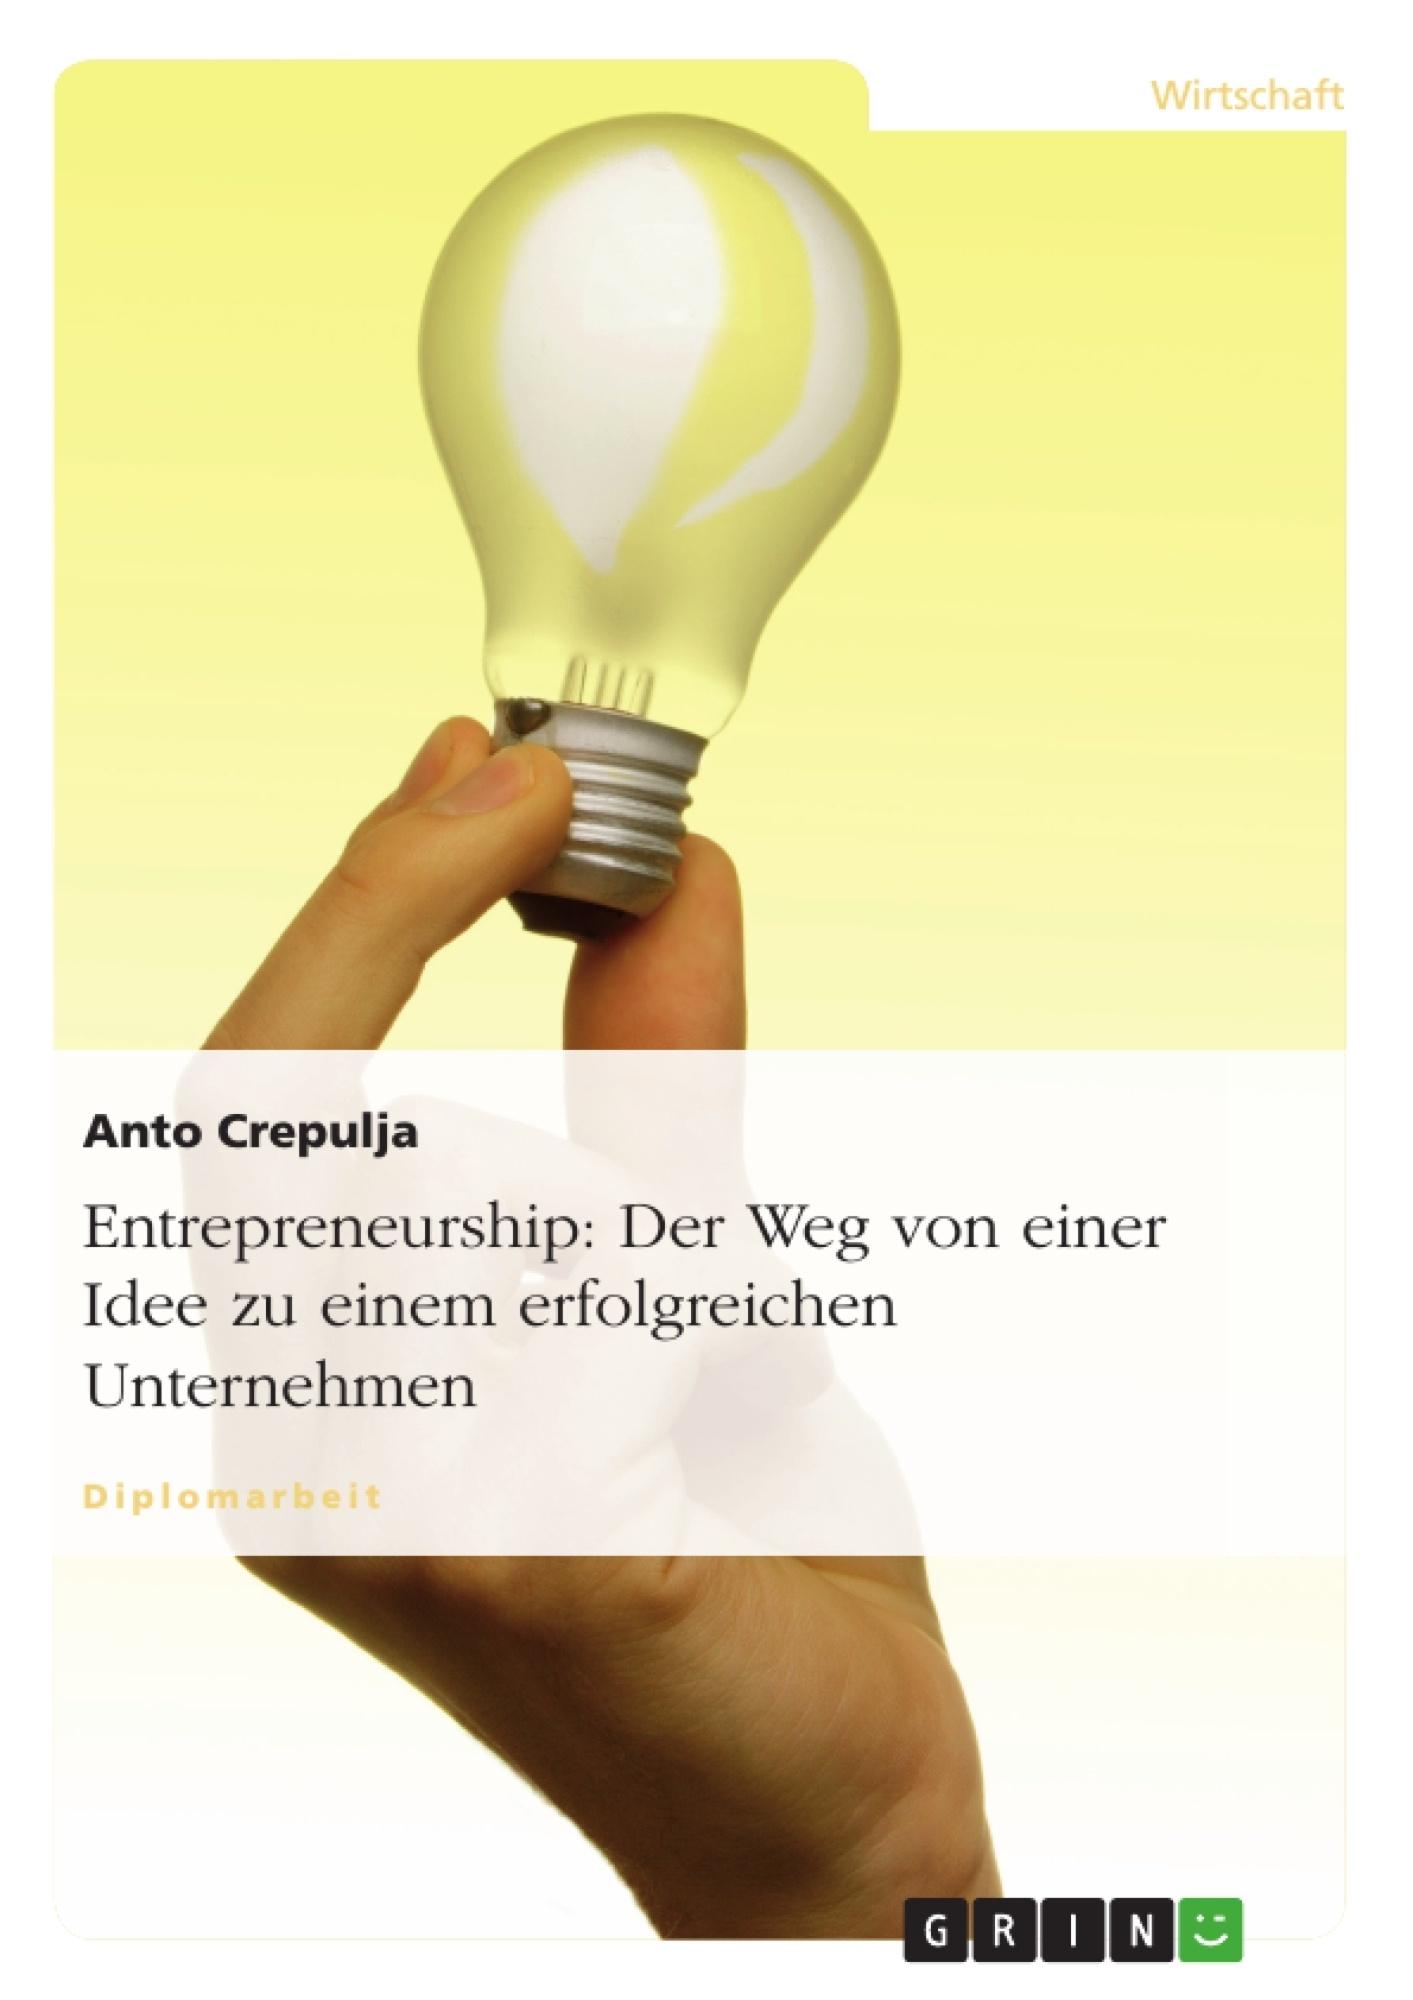 Titel: Entrepreneurship: Der Weg von einer Idee zu einem erfolgreichen Unternehmen